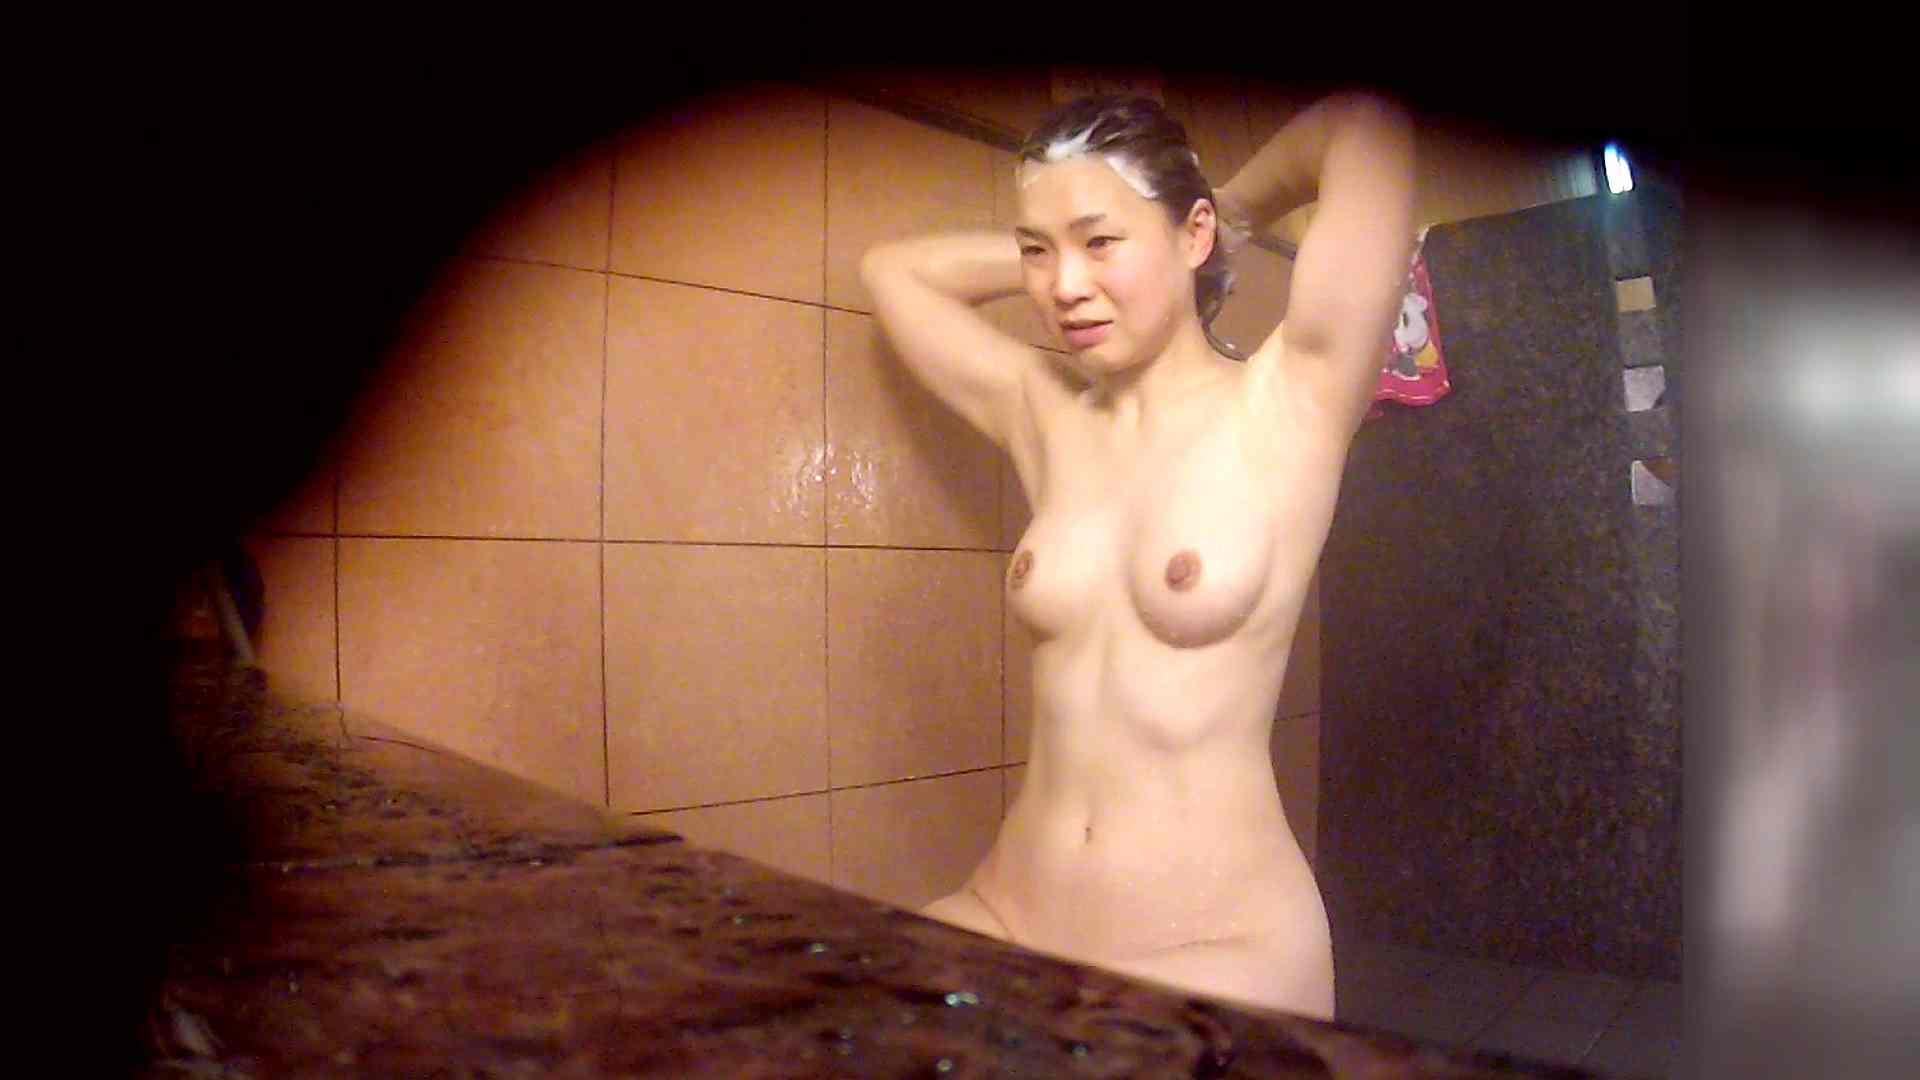 洗い場!マッスルお嬢さん!でもオッパイだけは柔らかそうです。 銭湯   潜入エロ調査  53連発 23